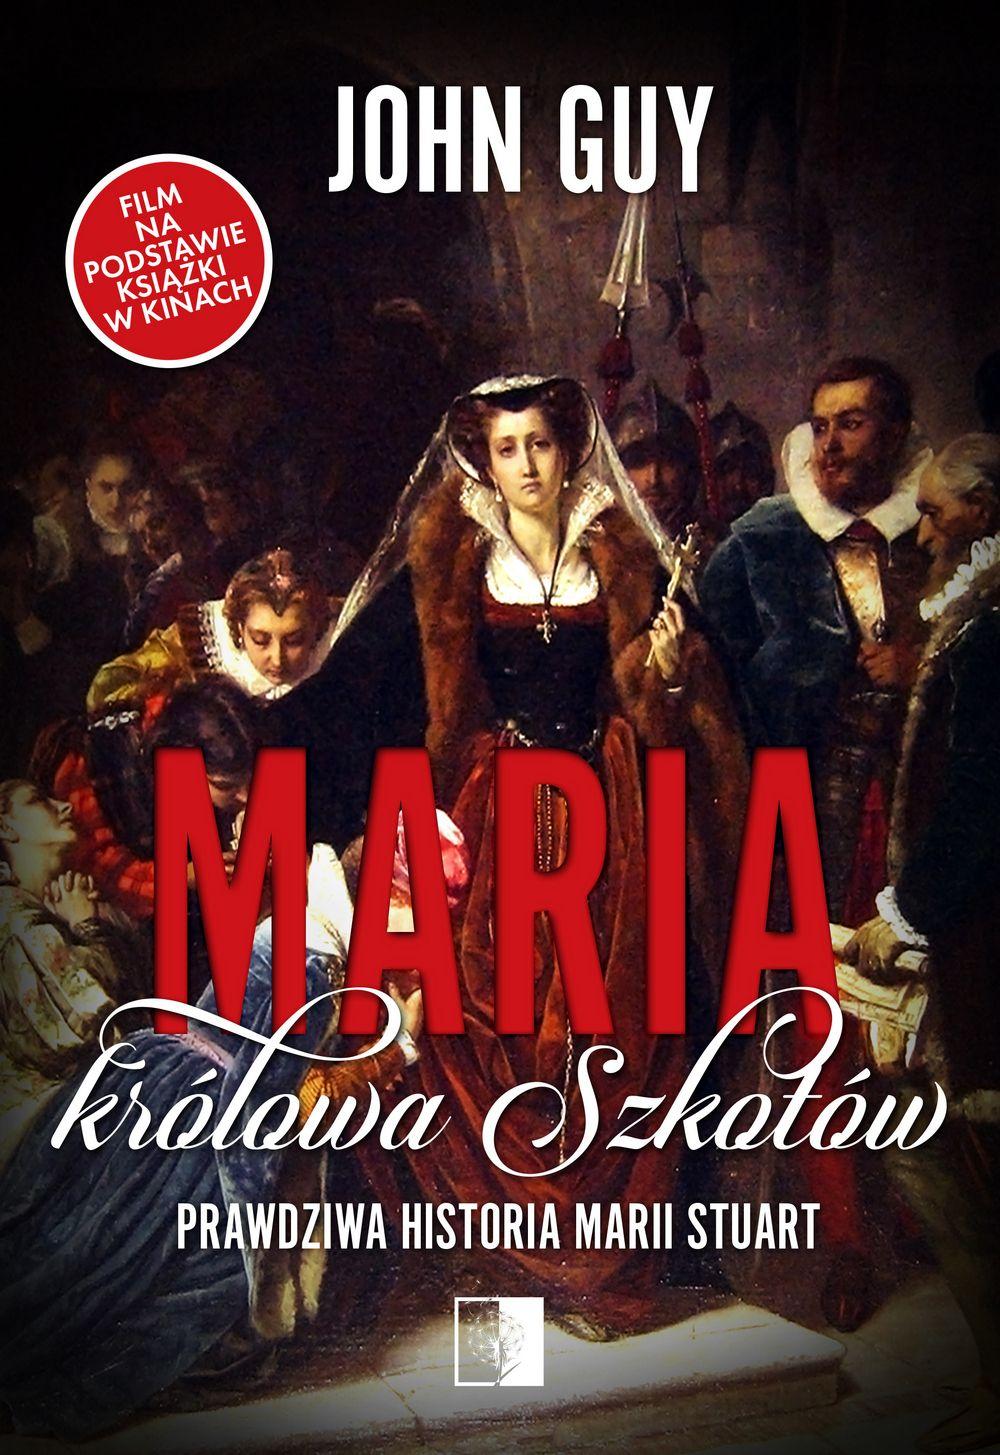 """Kup książkę Johna Guya pod tytułem """"Maria królowa Szkotów""""."""